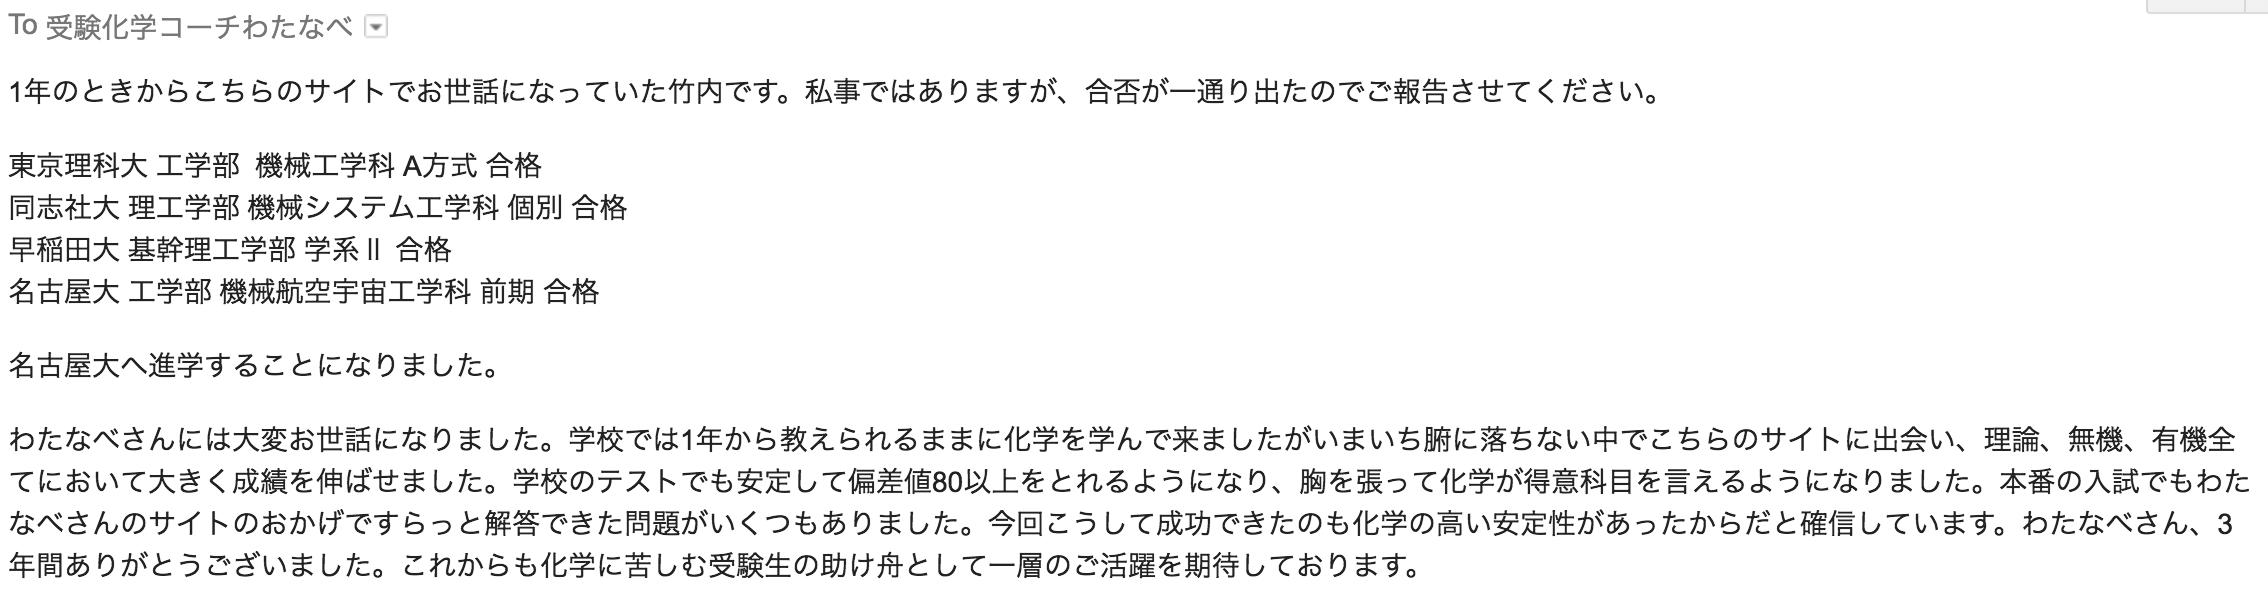 名古屋大学合格報告